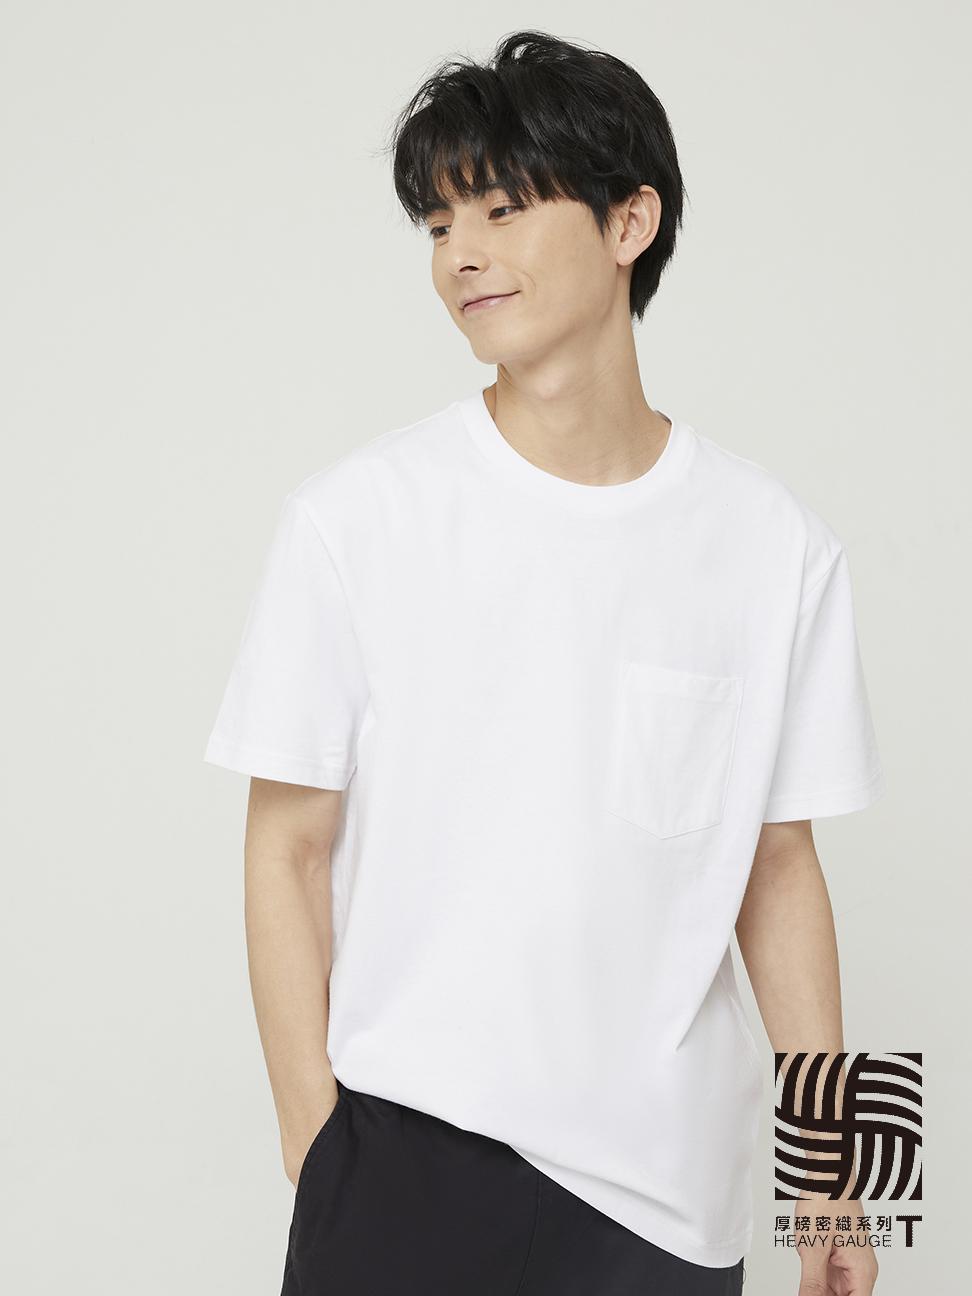 男裝 厚磅密織系列 純棉素色圓領短袖T恤